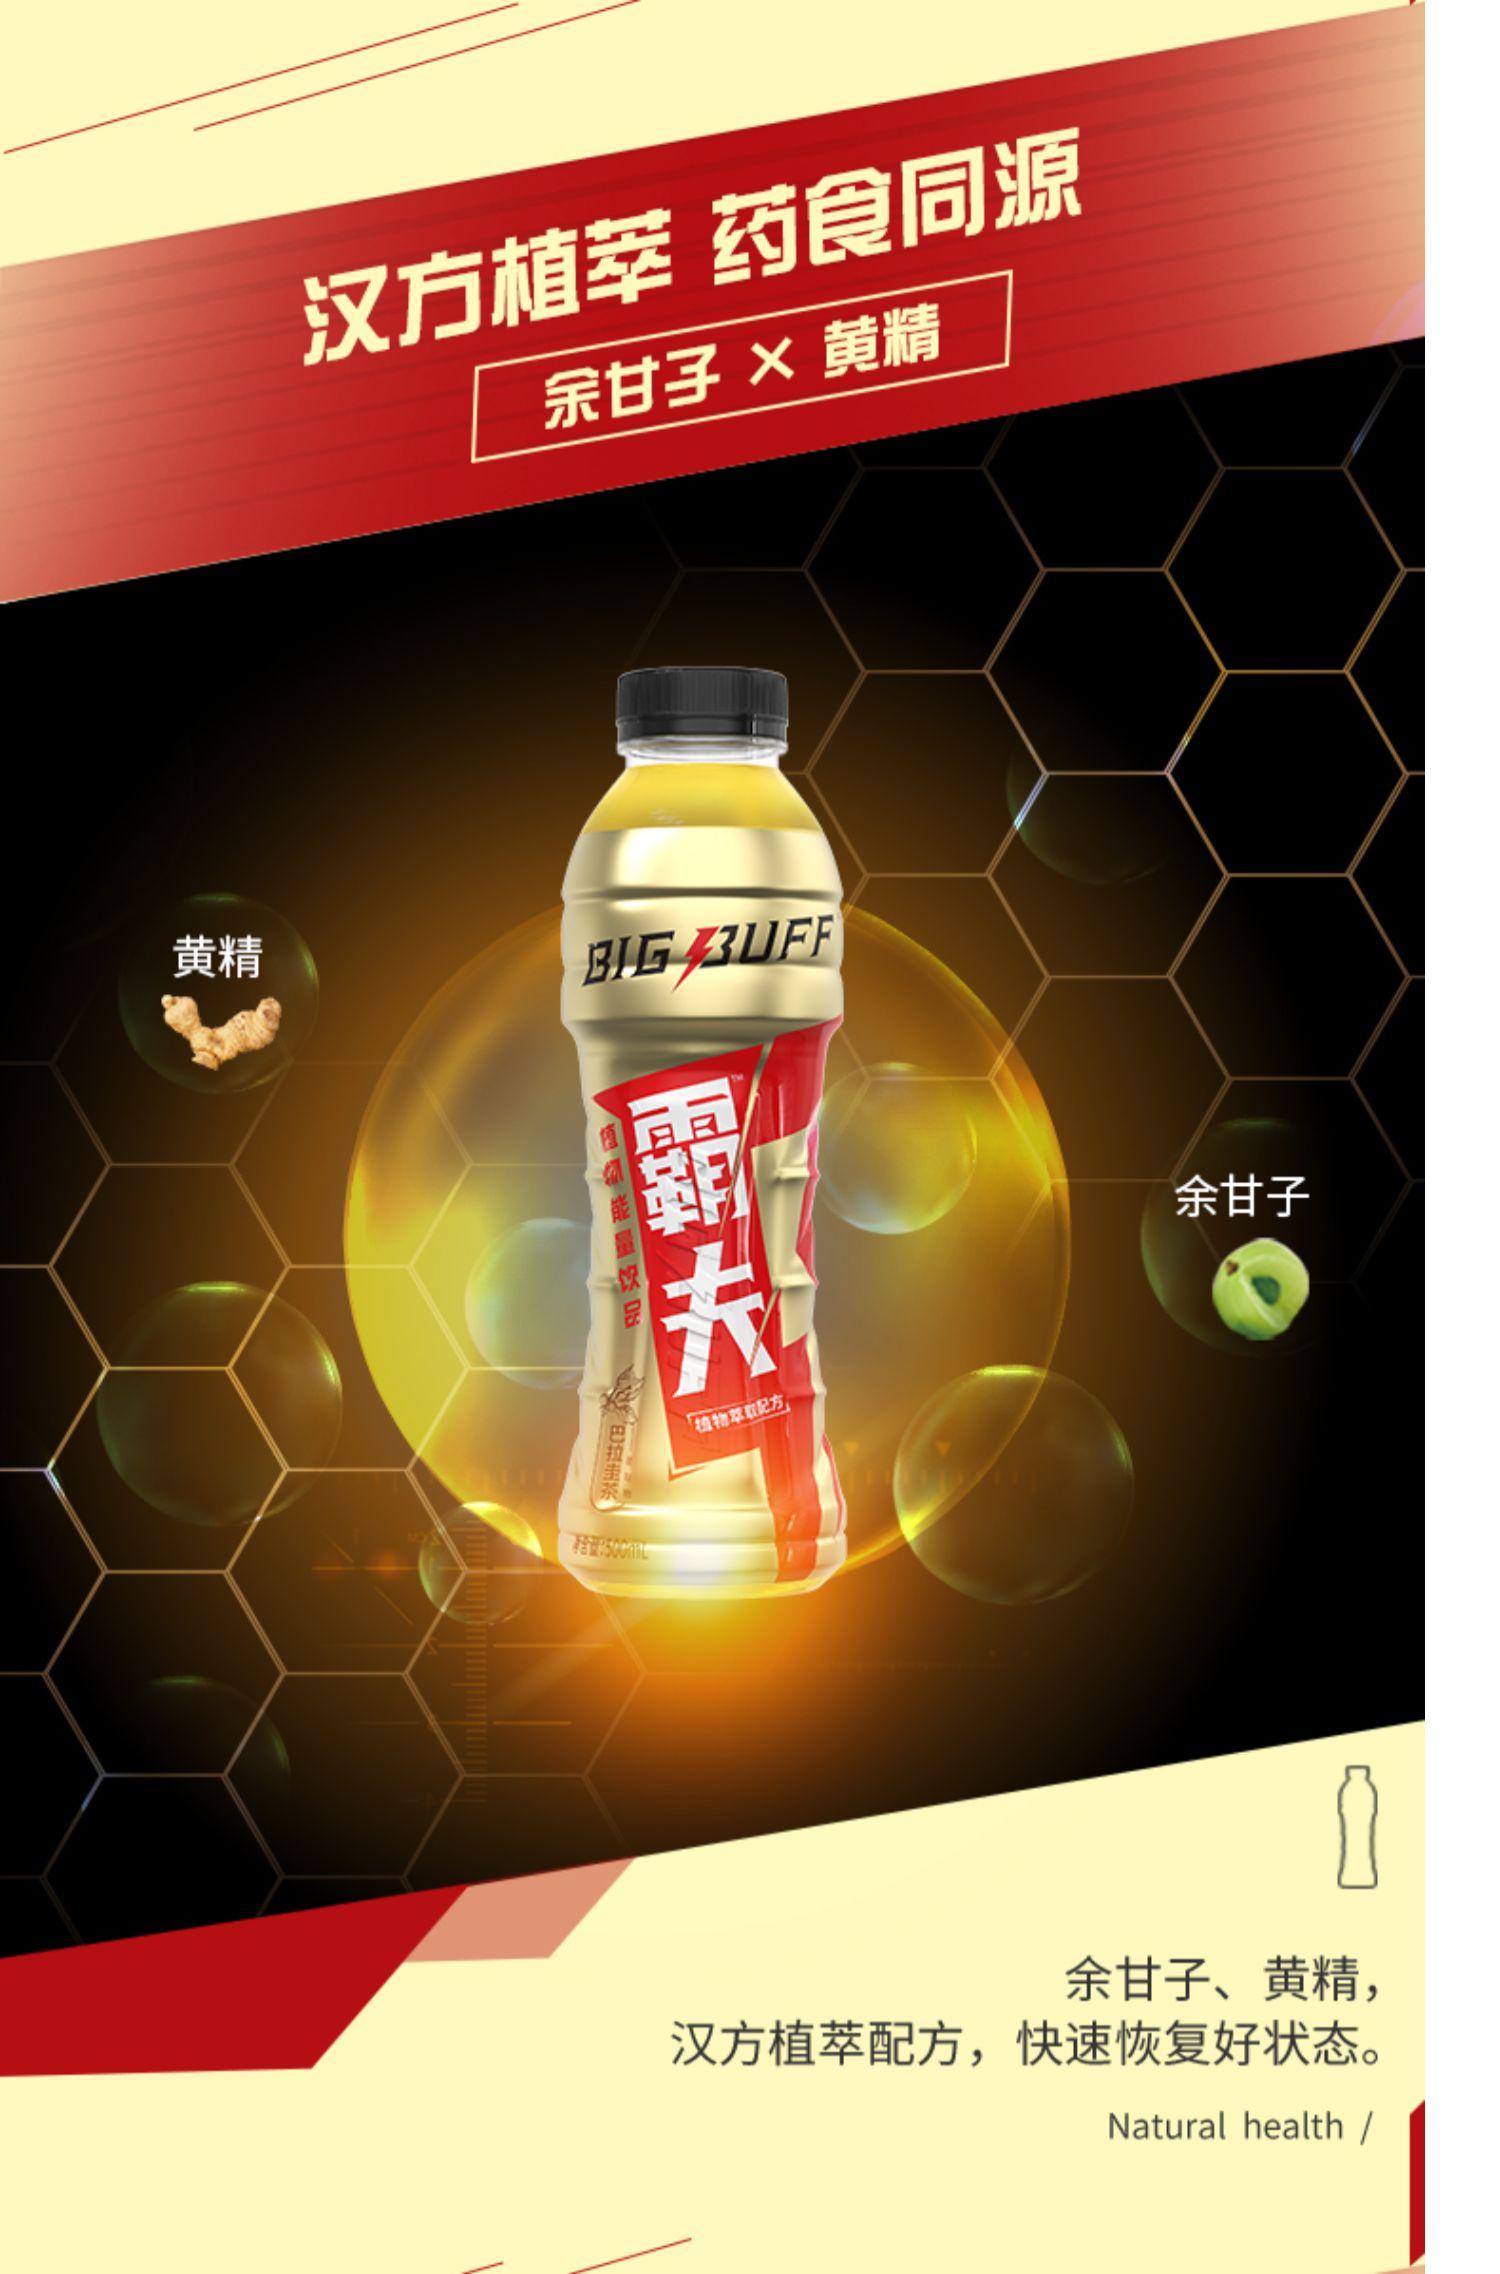 新希望植物能量维生素功能饮料4瓶